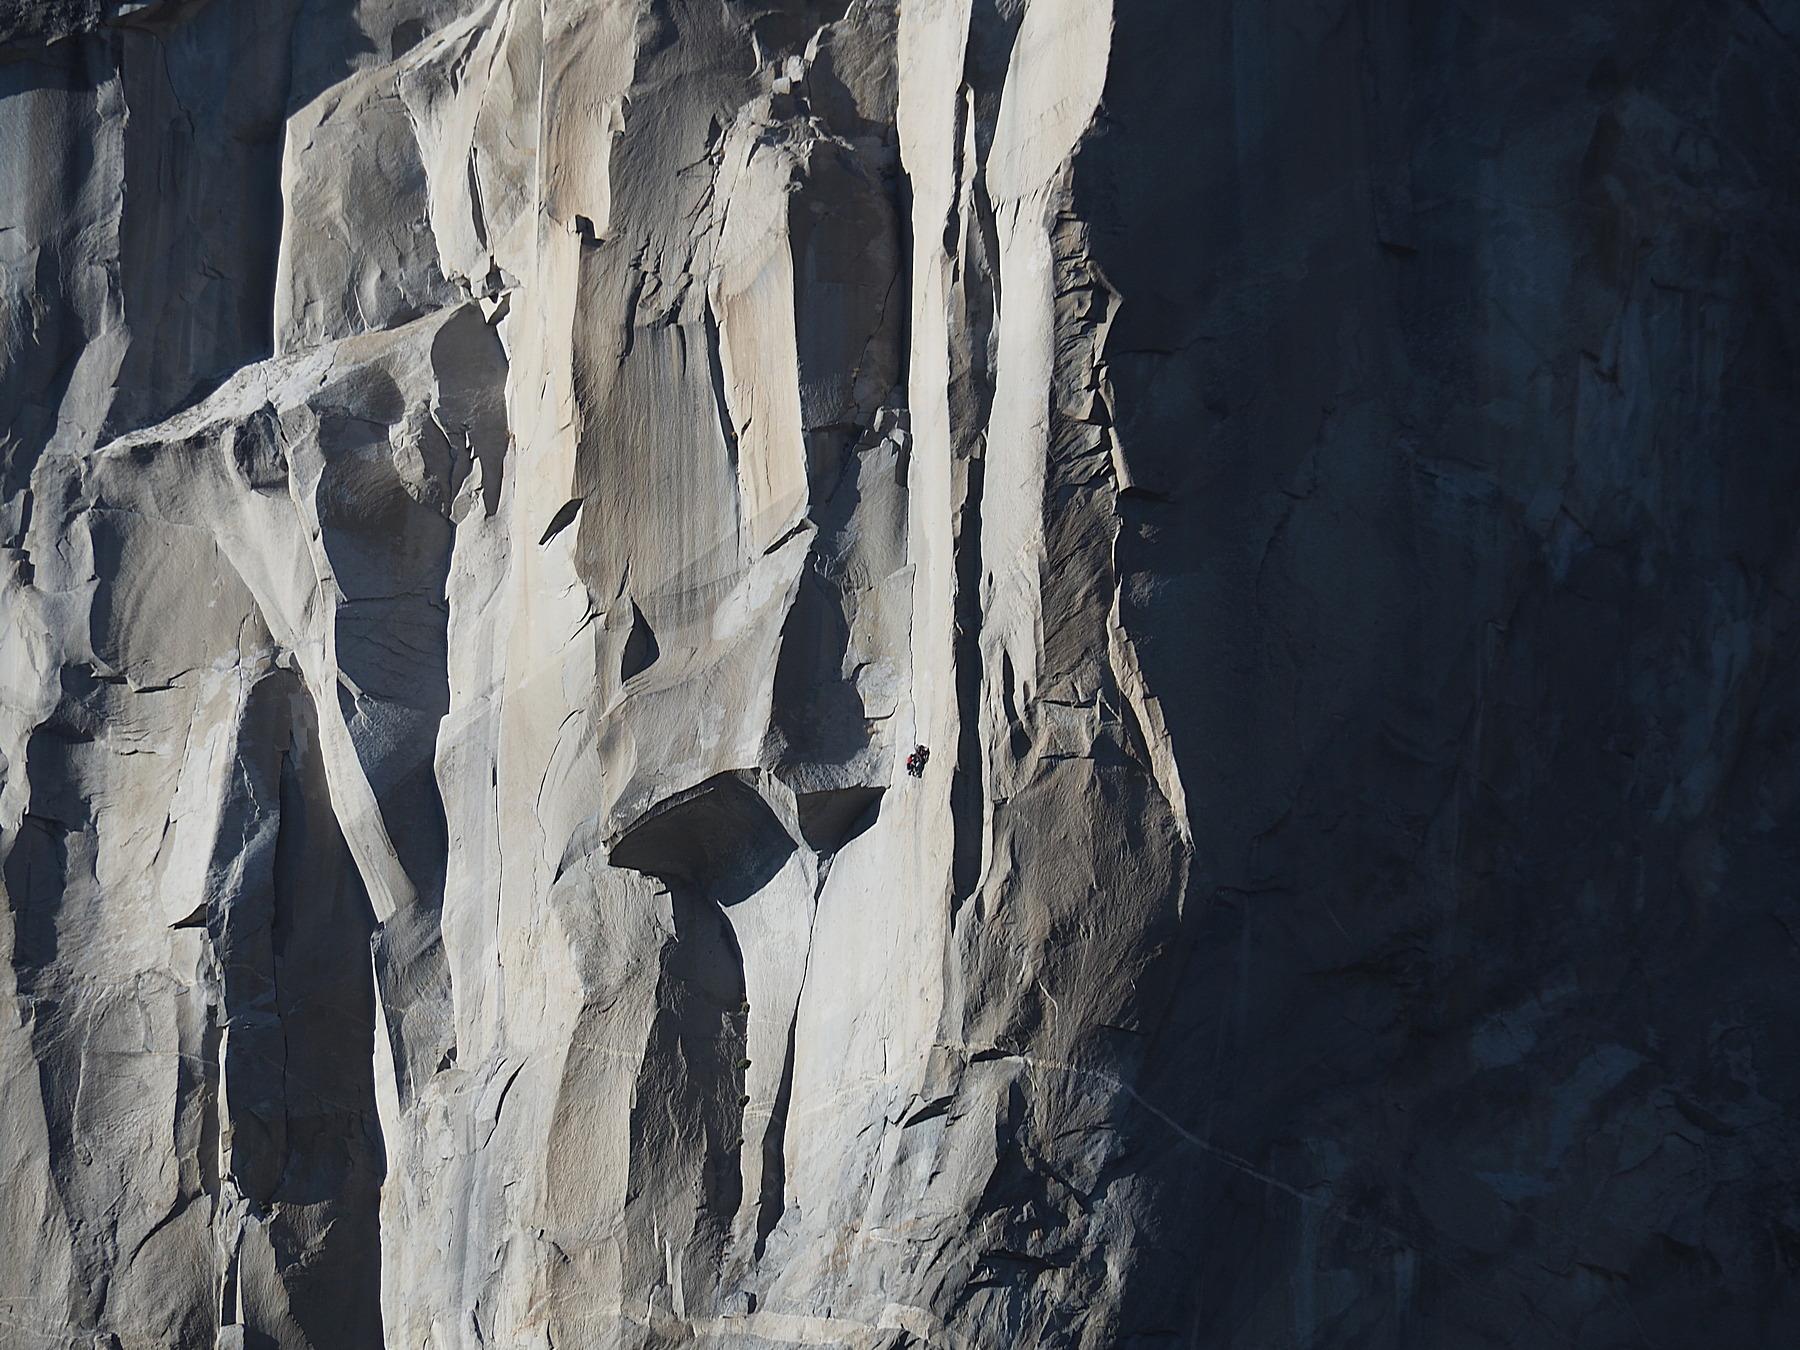 Kletterer in der Wand der Wände